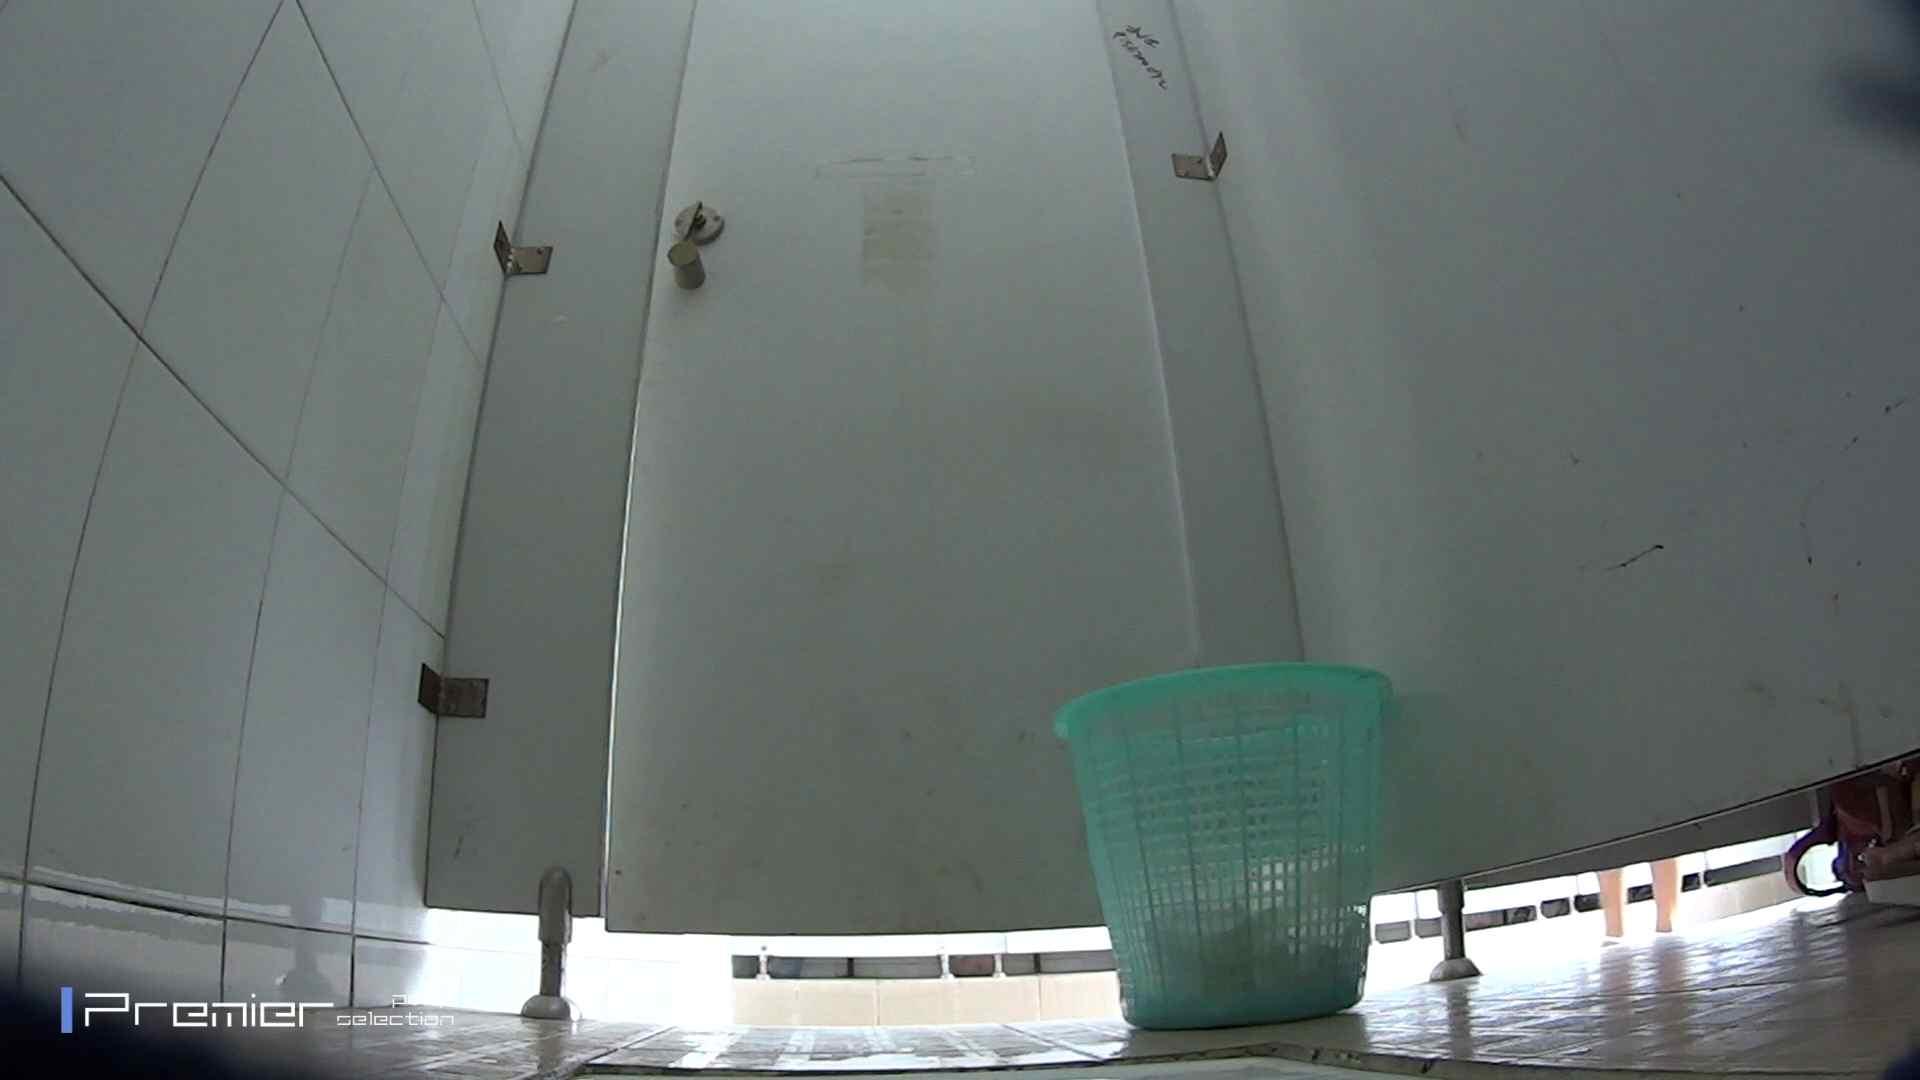 美しい女良たちのトイレ事情 有名大学休憩時間の洗面所事情06 盗撮映像大放出 | エッチすぎるお姉さん  80連発 46